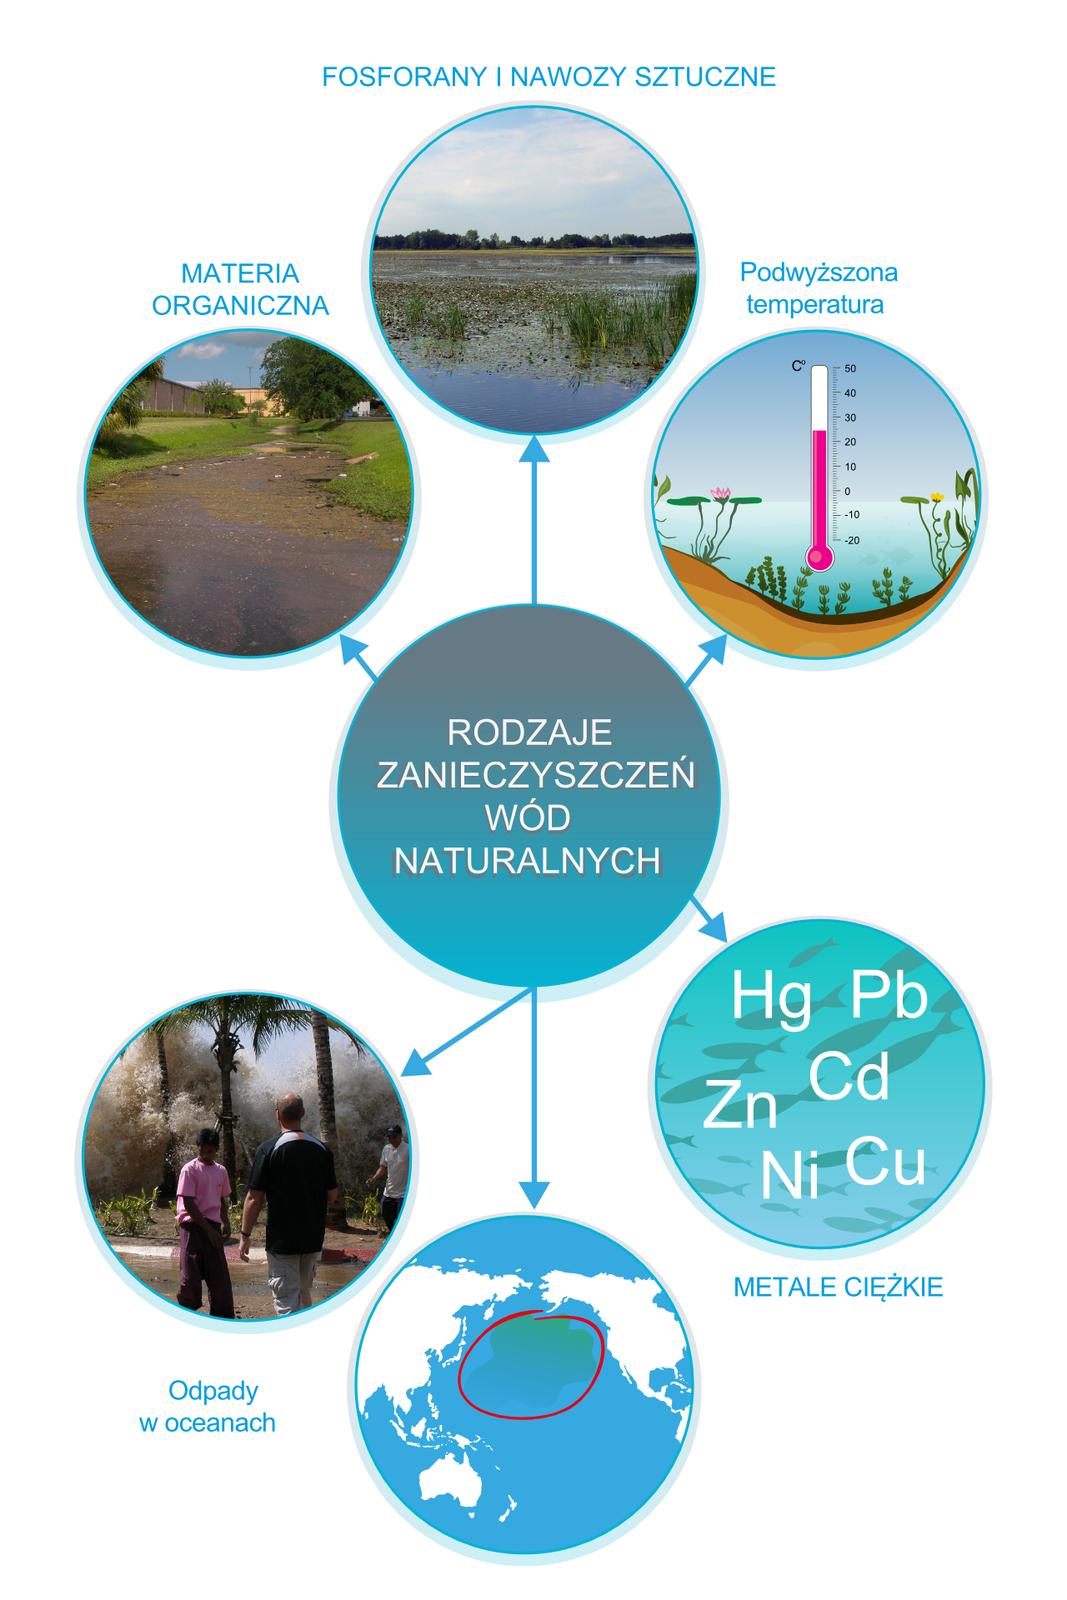 Ilustracja wformie infografiki przedstawia główne rodzaje zanieczyszczeń wód naturalnych. Wcentralnej części planszy znajduje się niebieskie koło zbiałym napisem Rodzaje zanieczyszczeń wód naturalnych od którego odchodzi pięć koncentrycznie rozmieszczonych strzałek prowadzących do pięciu kół za zdjęciami ipodpisem. Licząc od góry wkierunku ruchu wskazówek zegara są to: zdjęcie małego zbiornika wodnego porośniętego roślinnością, rysunek przekroju jeziora zpiktogramem termometru wskazującego podwyższoną temperaturę 35 stopni Celsjusza, symboliczny rysunek głębi morskiej zsylwetkami ryb na tle którego widoczne są symbole pierwiastków ciężkich: Hg, Pb, Cd, Cu, Zn iNi oraz rysunek globu ziemskiego zujęciem Oceanu Spokojnego na którym zaznaczona została wielka plama ropy iinnych zanieczyszczeń.